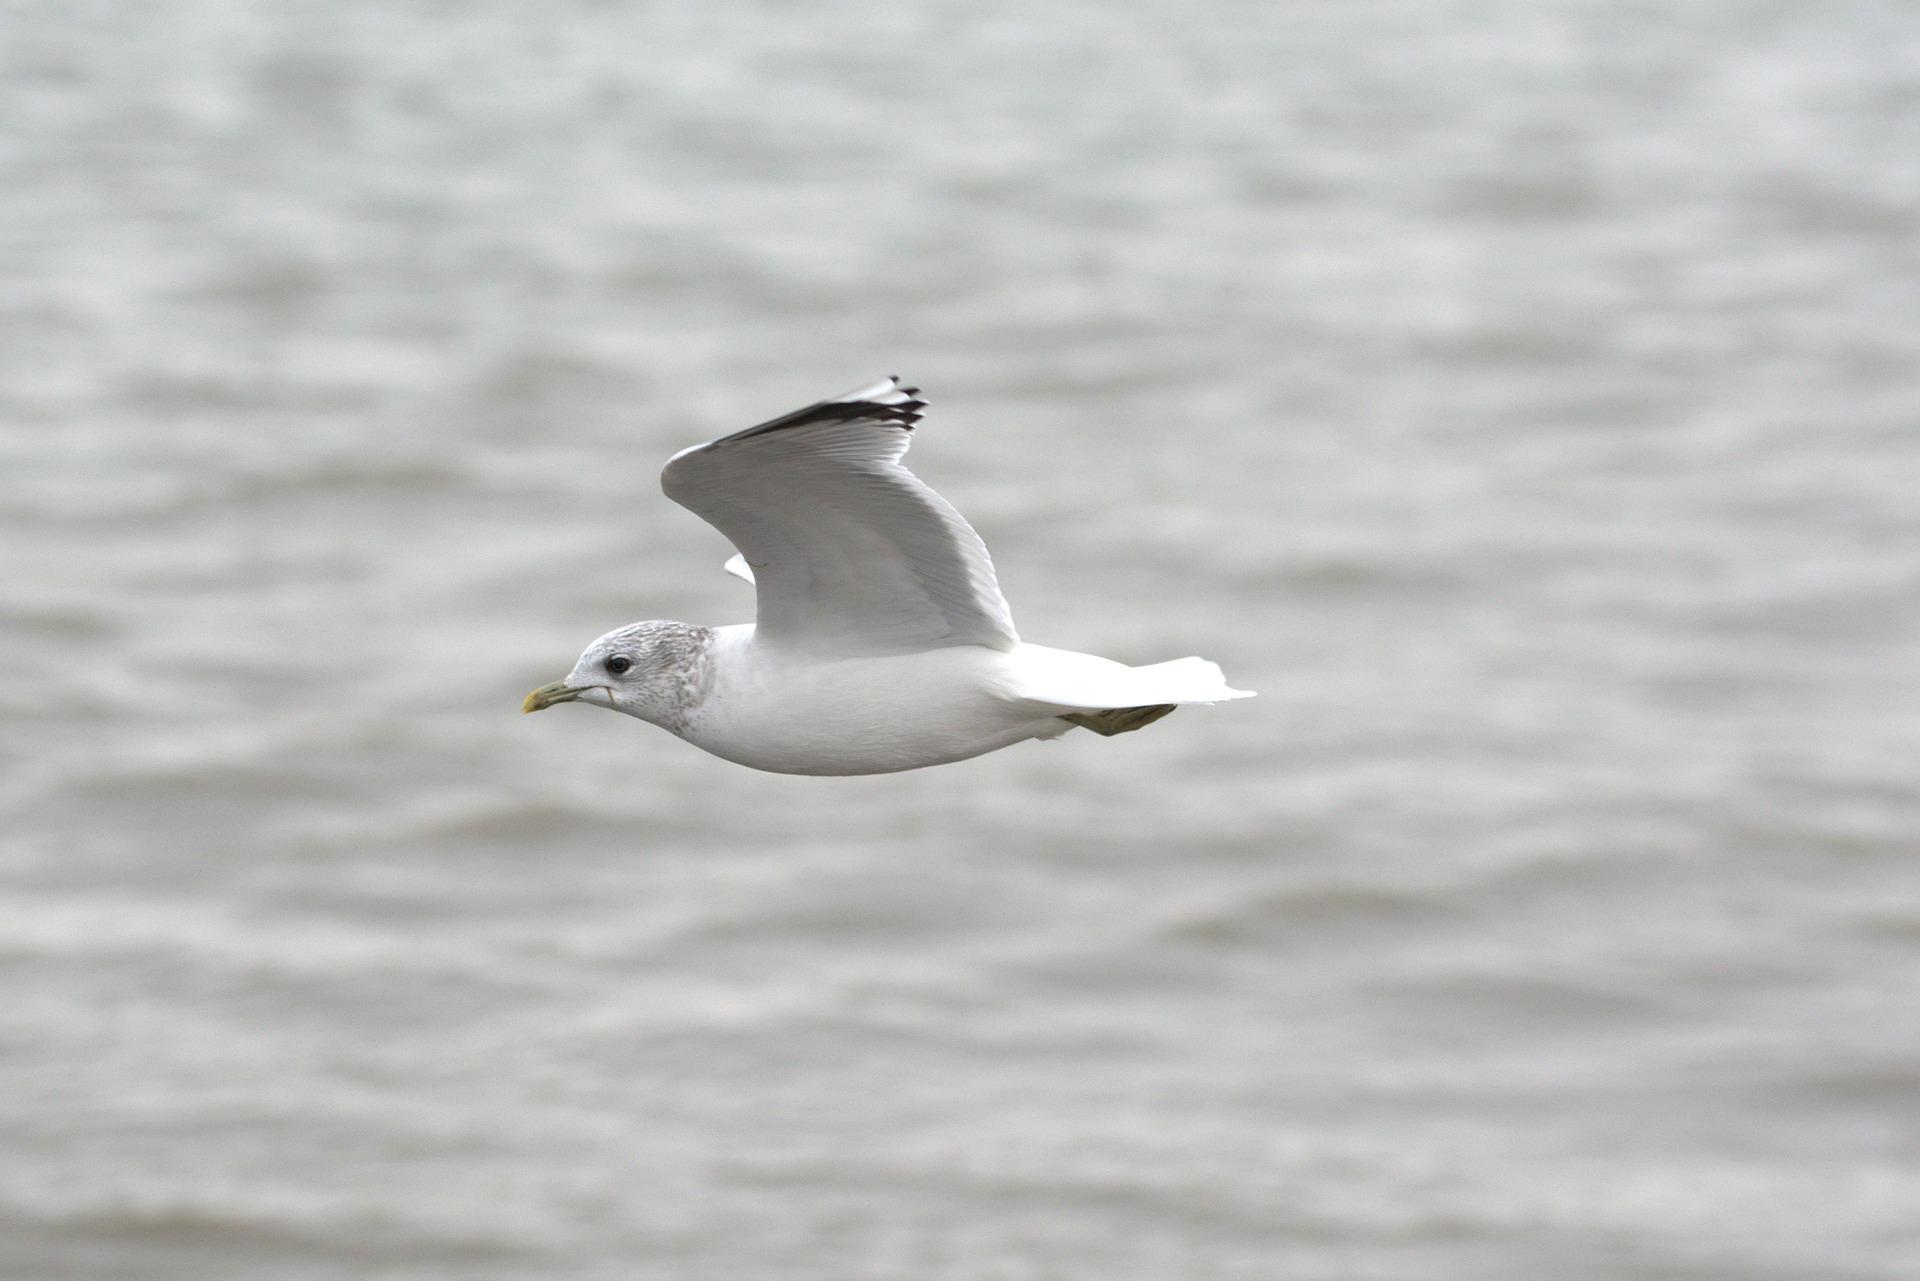 herring-gull-2021363_1920